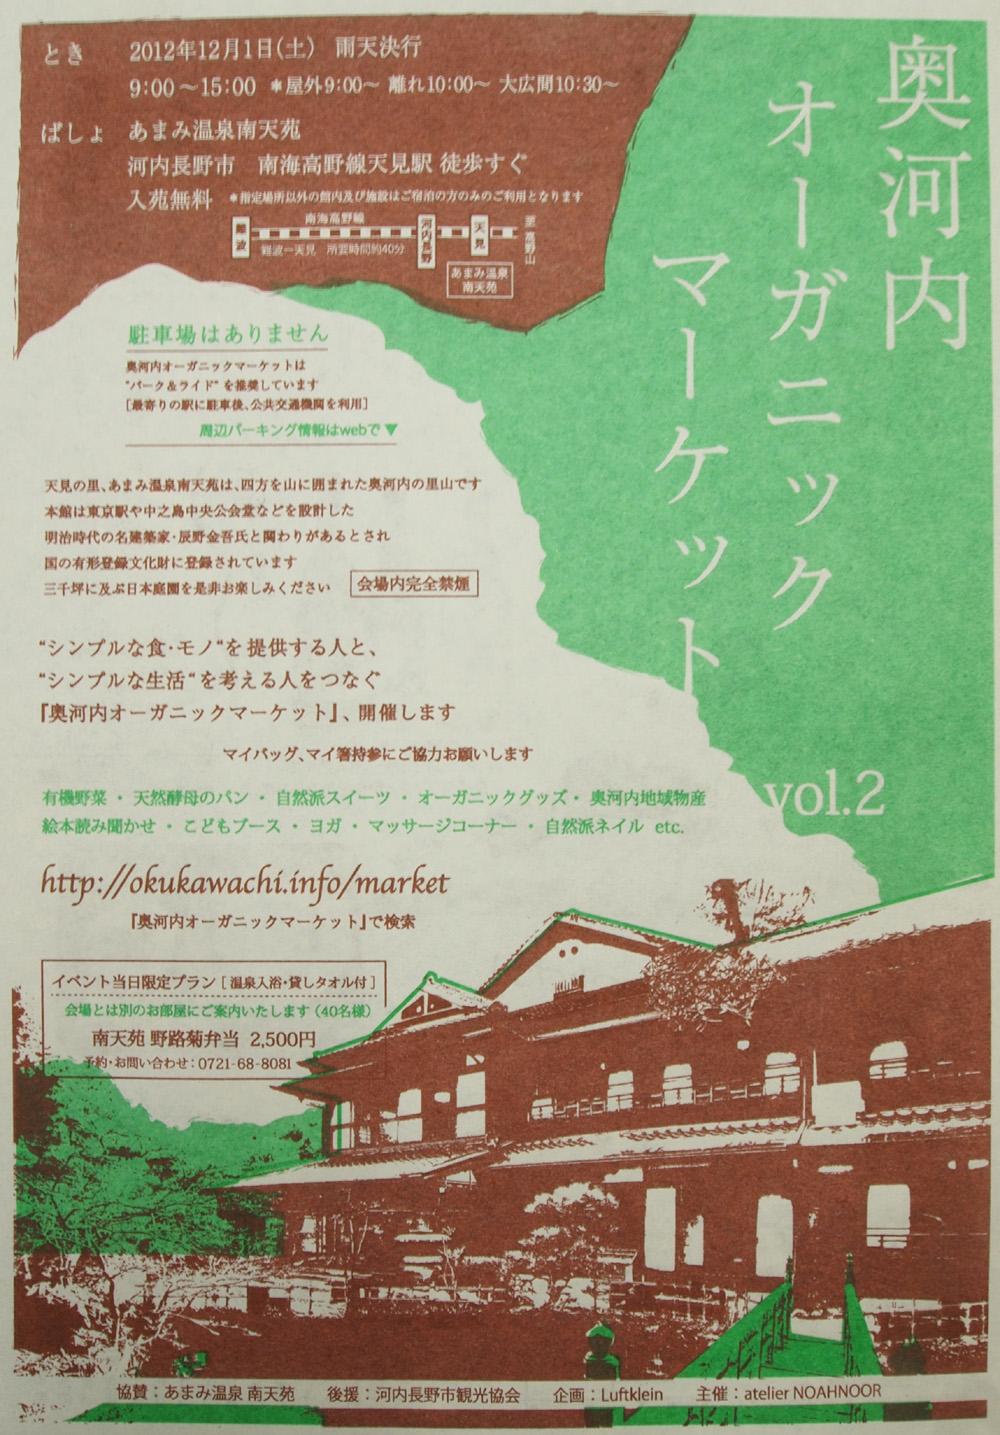 奥河内オーガニックマーケット_b0022291_1918413.jpg